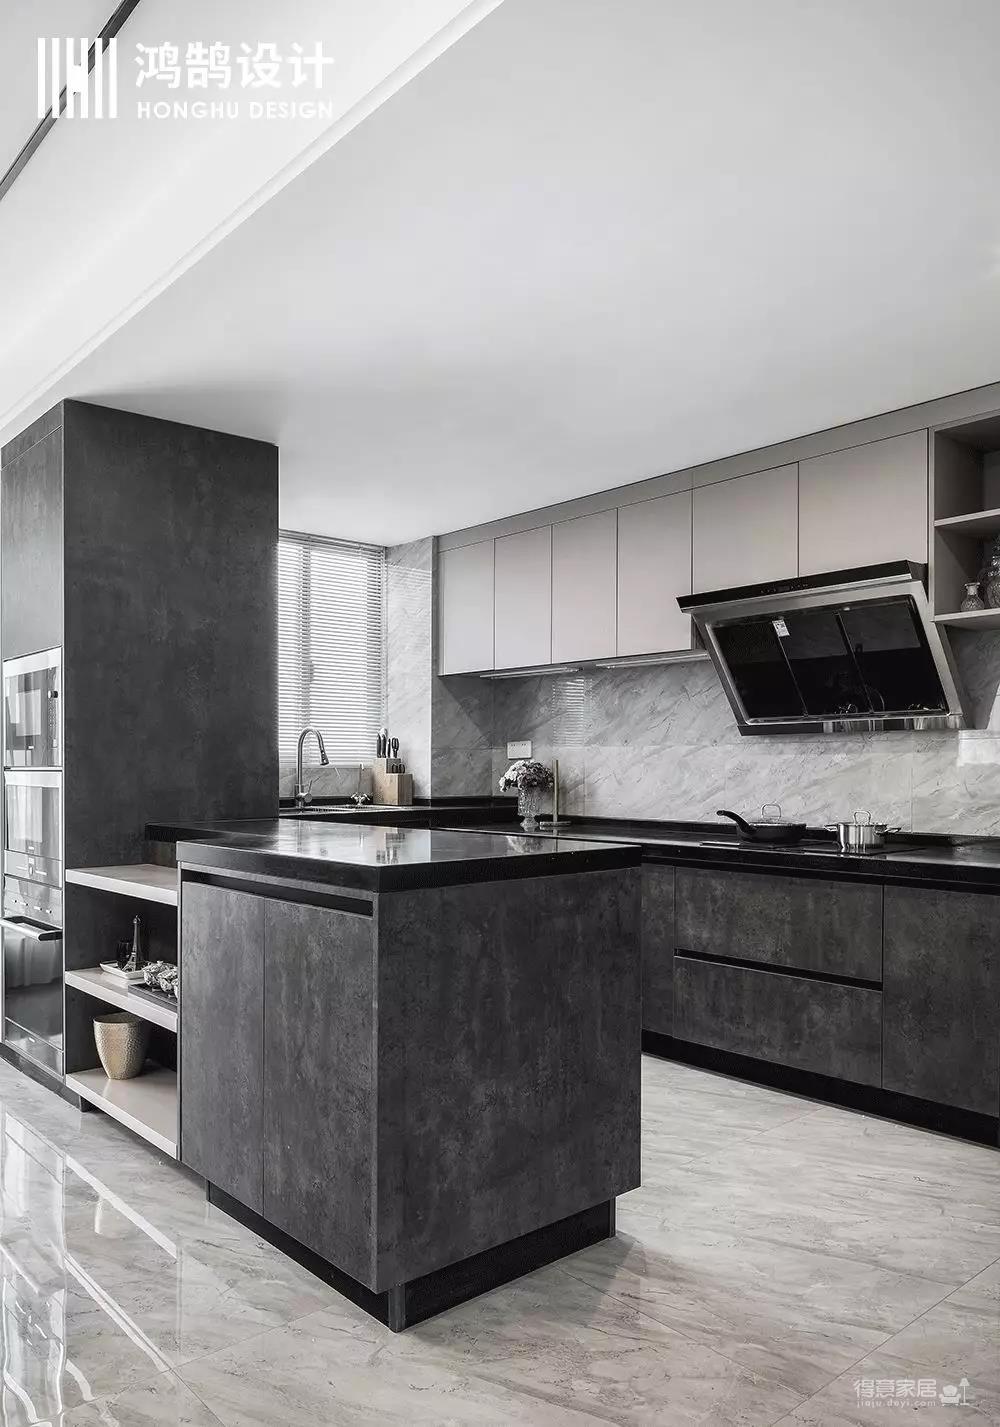 酷黑遇上暖粉,既是家也是烘焙室,230㎡复式小楼惹人羡!图_12